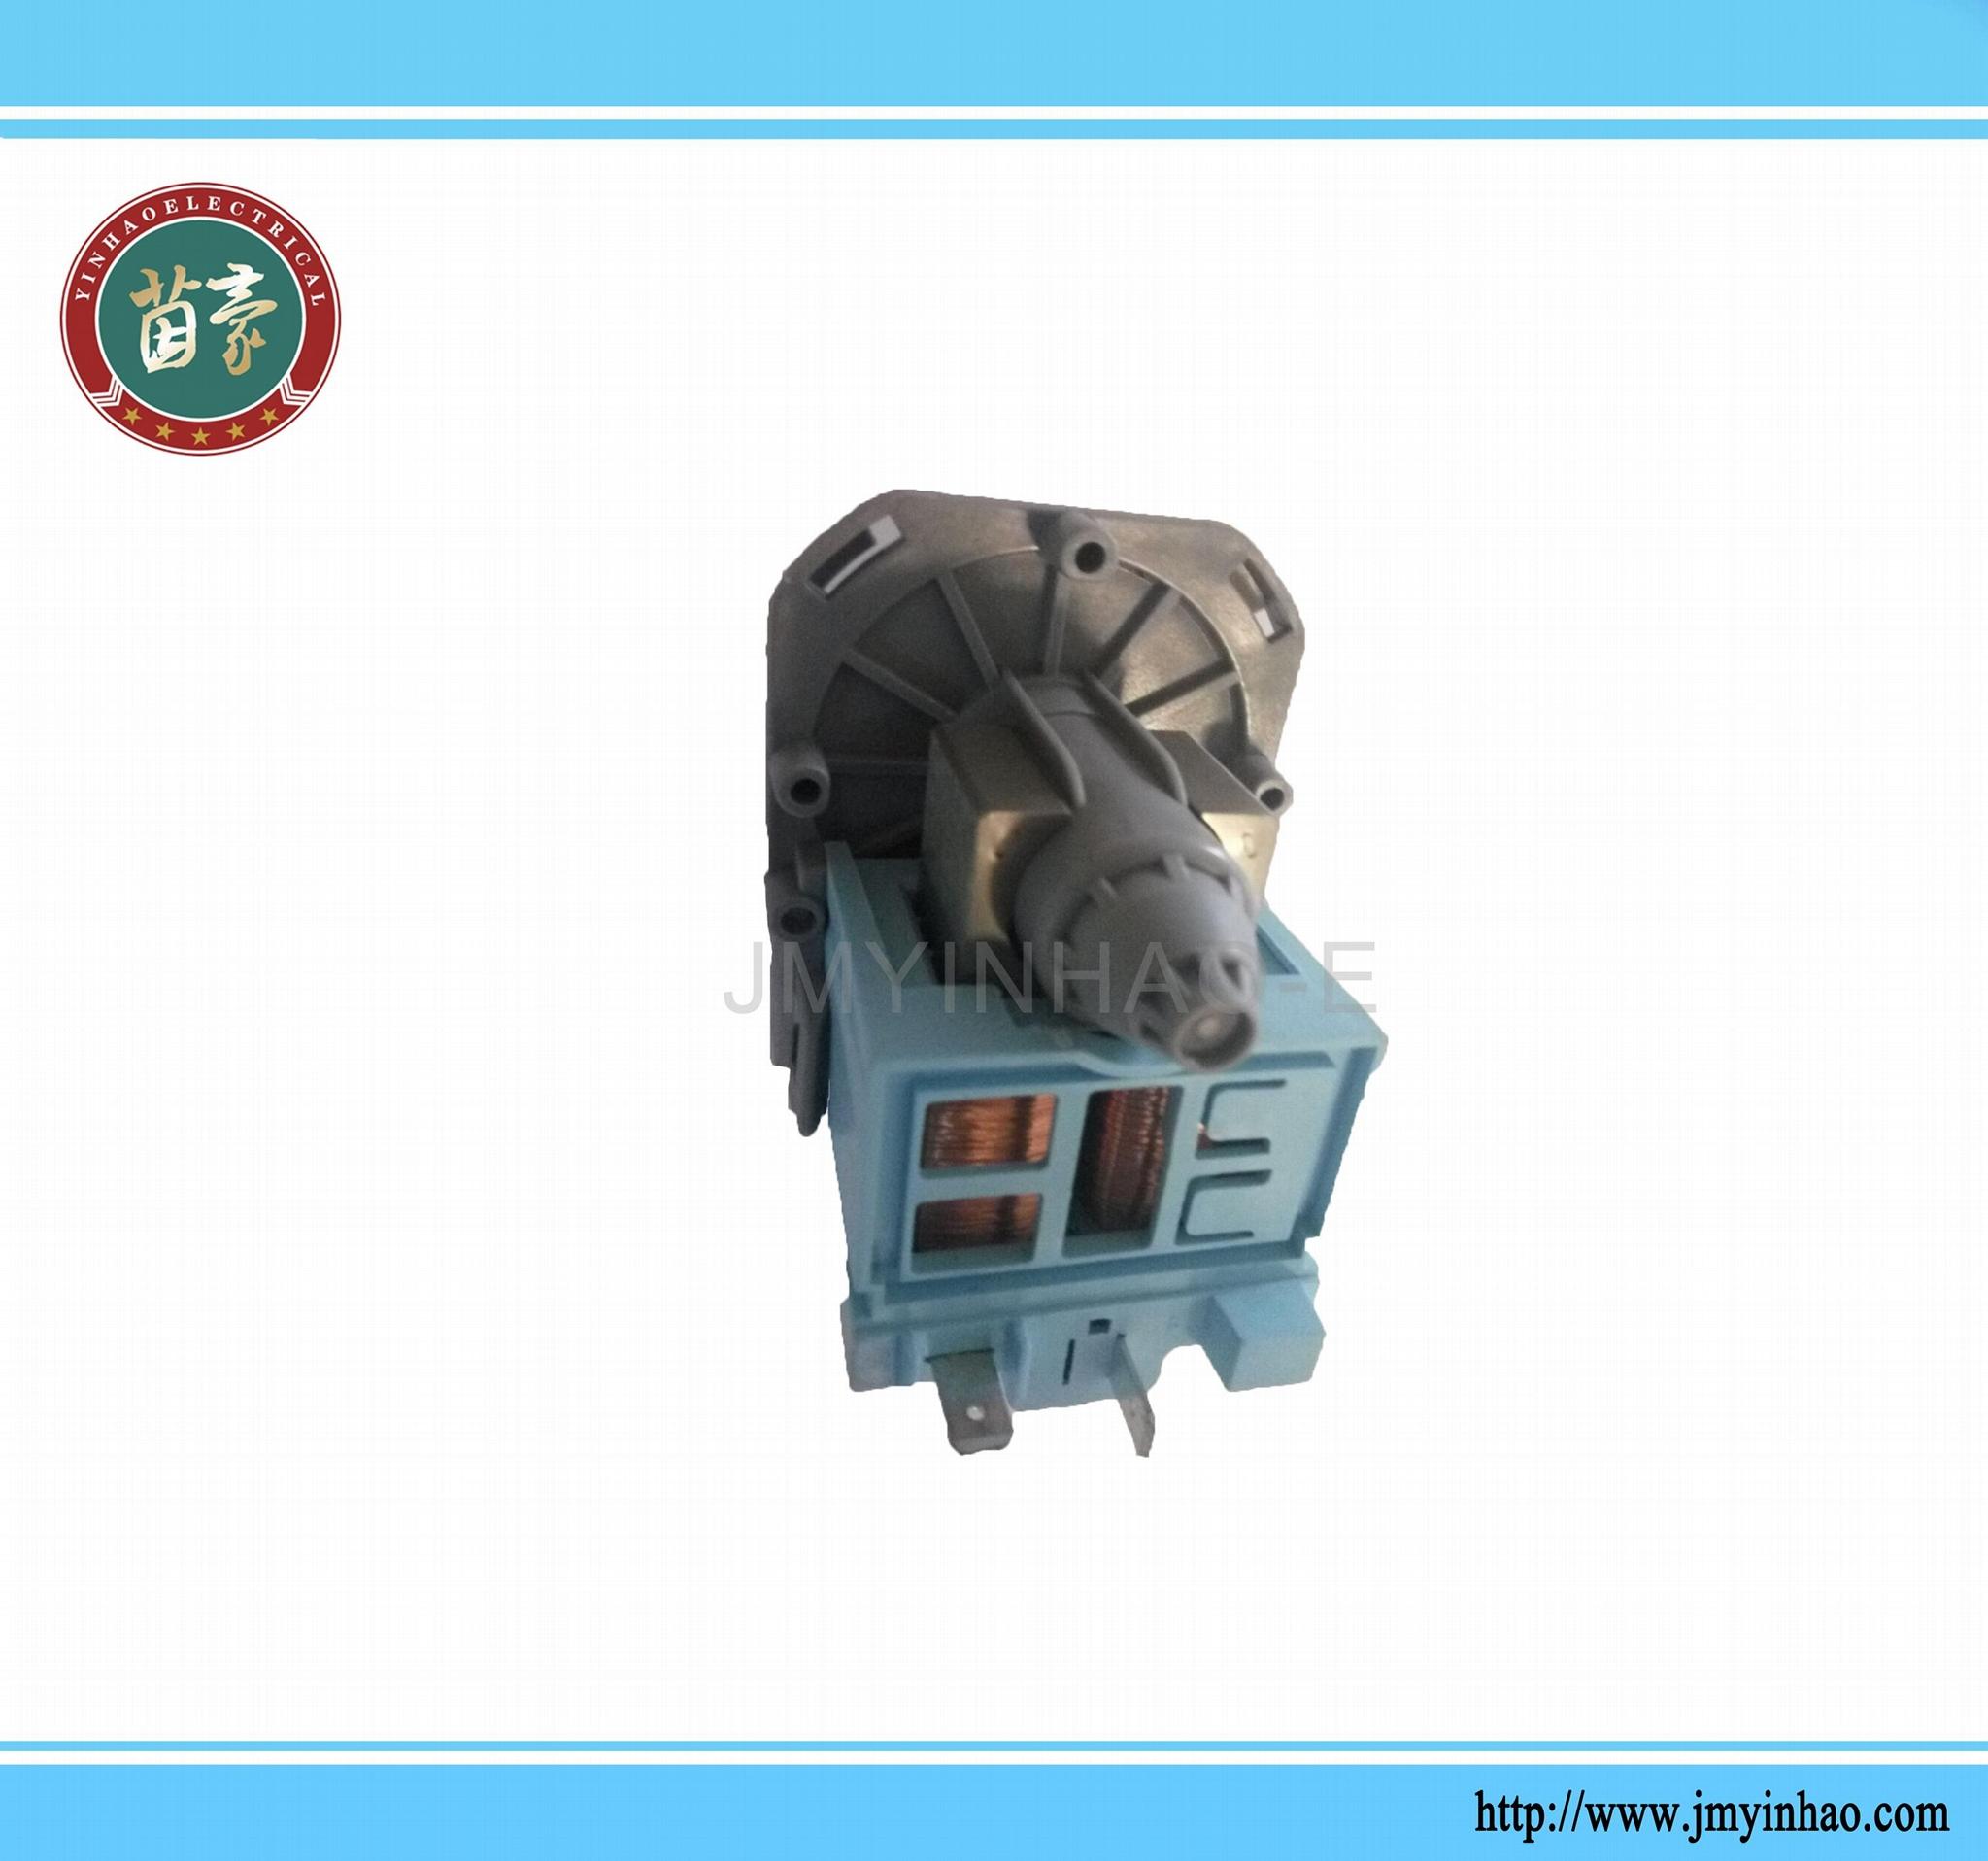 洗衣机排水泵/洗碗机排水泵/洗衣机洗碗机配件 3